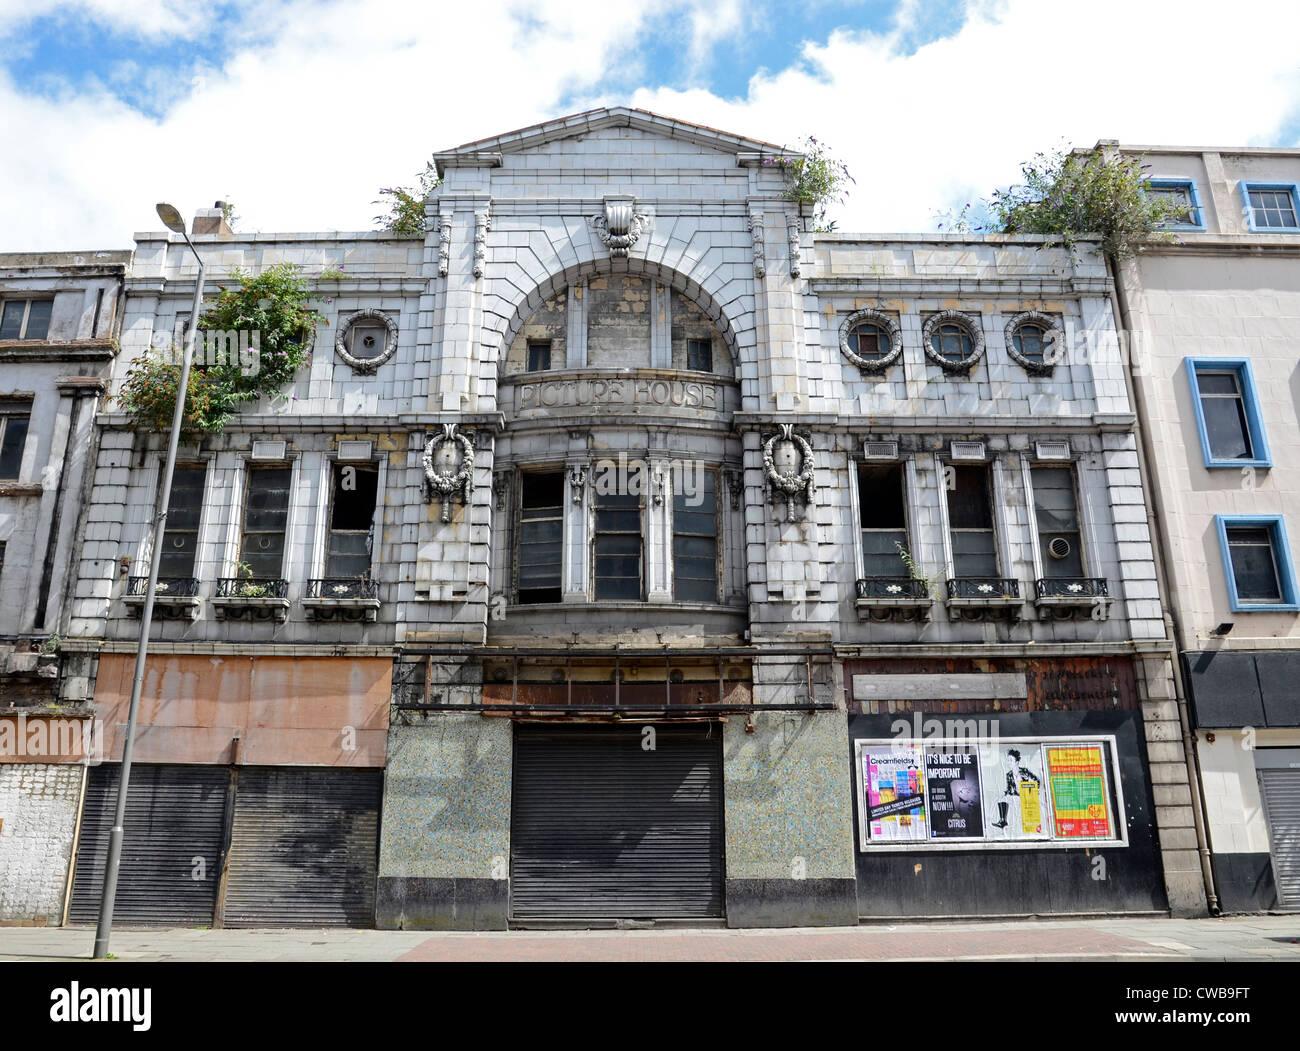 La vieille photo chambre fermé un cinéma dans le centre-ville de Liverpool, Angleterre, Royaume-Uni Photo Stock